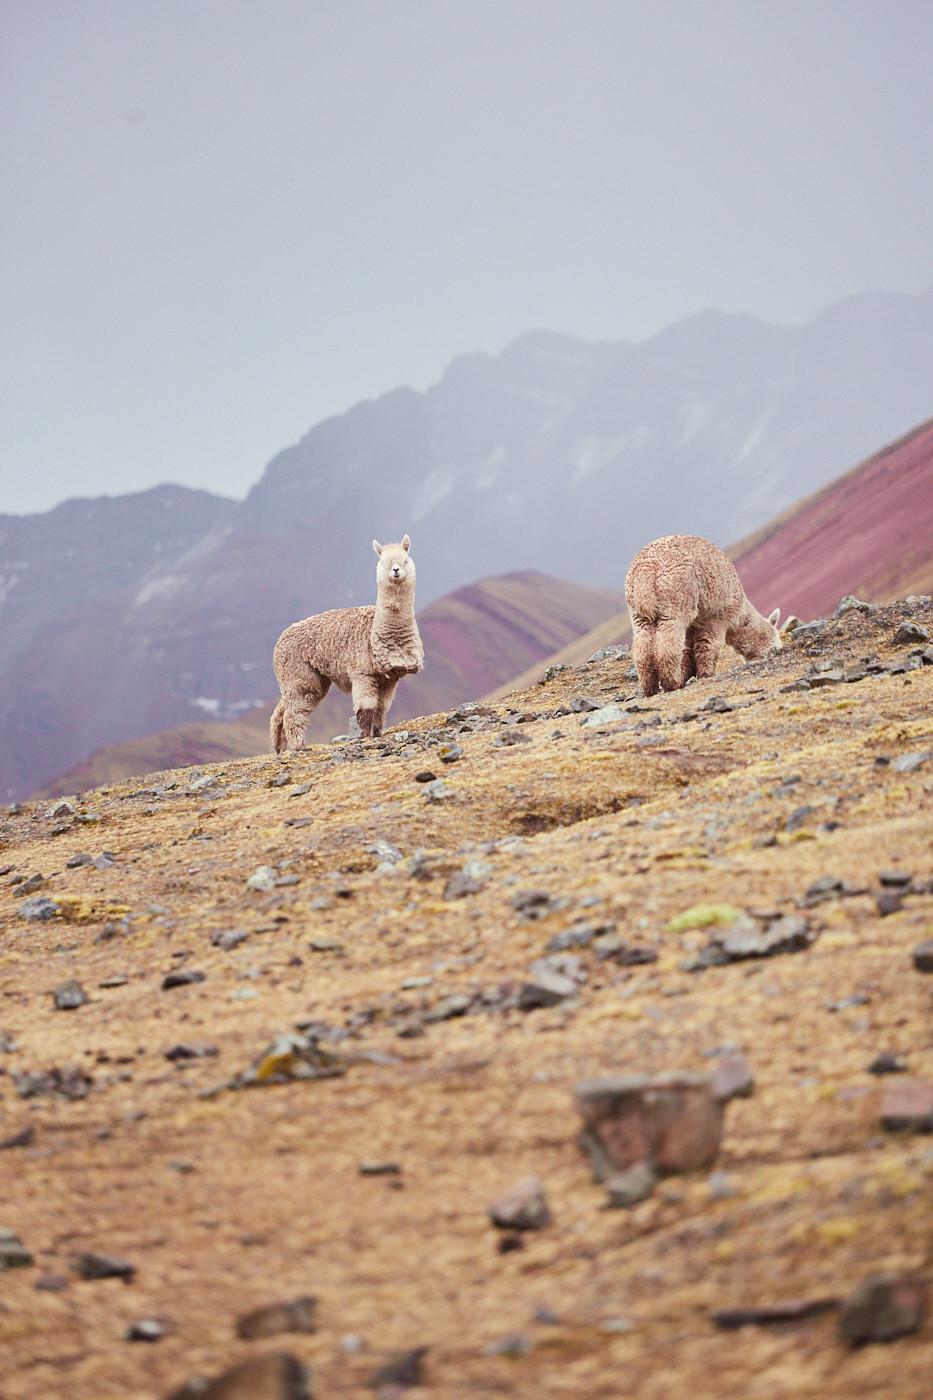 Alpaks schauten uns beim Vorbeigehen zu und hoben hier und da mal ihren Kopf. Vor der roten Kulisse des Red Valley sahen die Alpakas extra flauschig aus